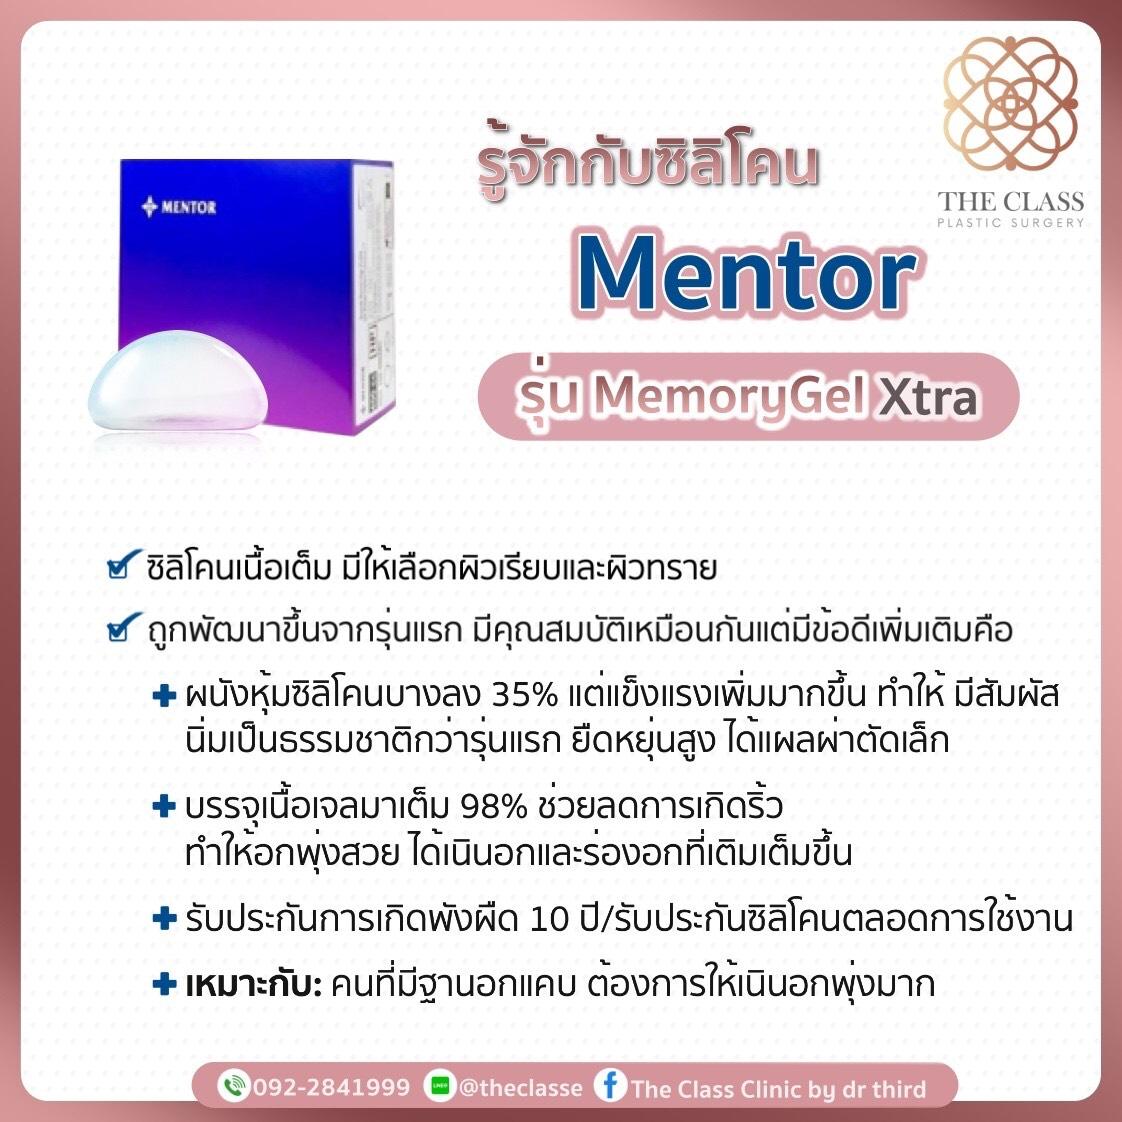 ซิลิโคนMentor-MemoryGelXtra-1